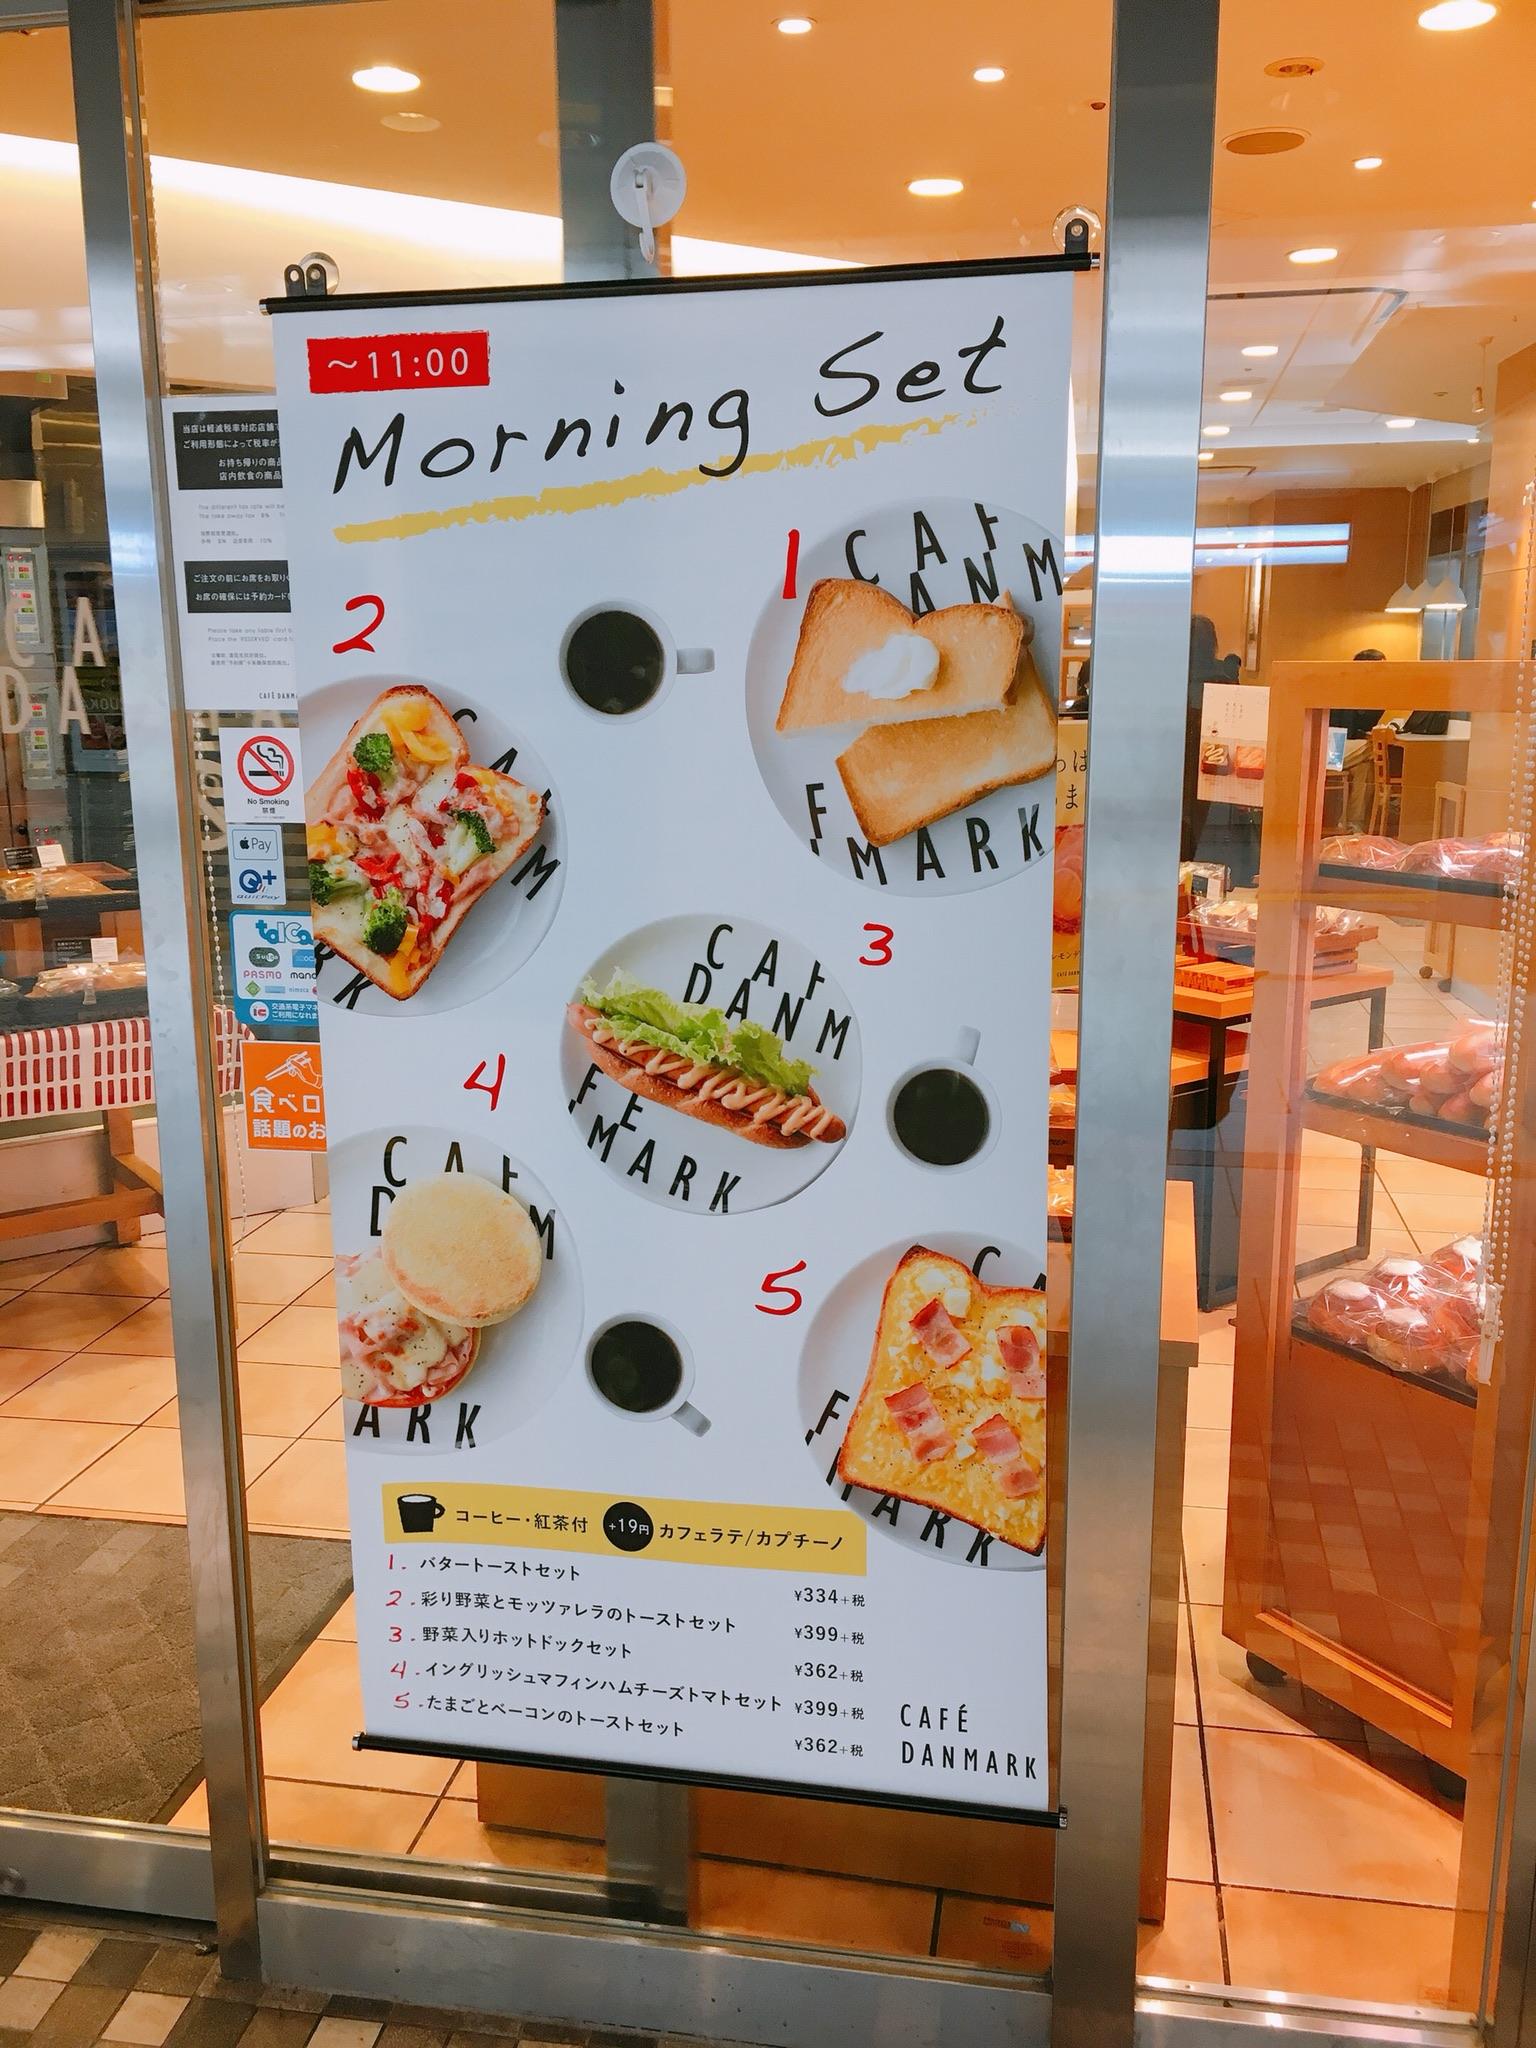 CAFE DANMARK(JR名古屋駅店)